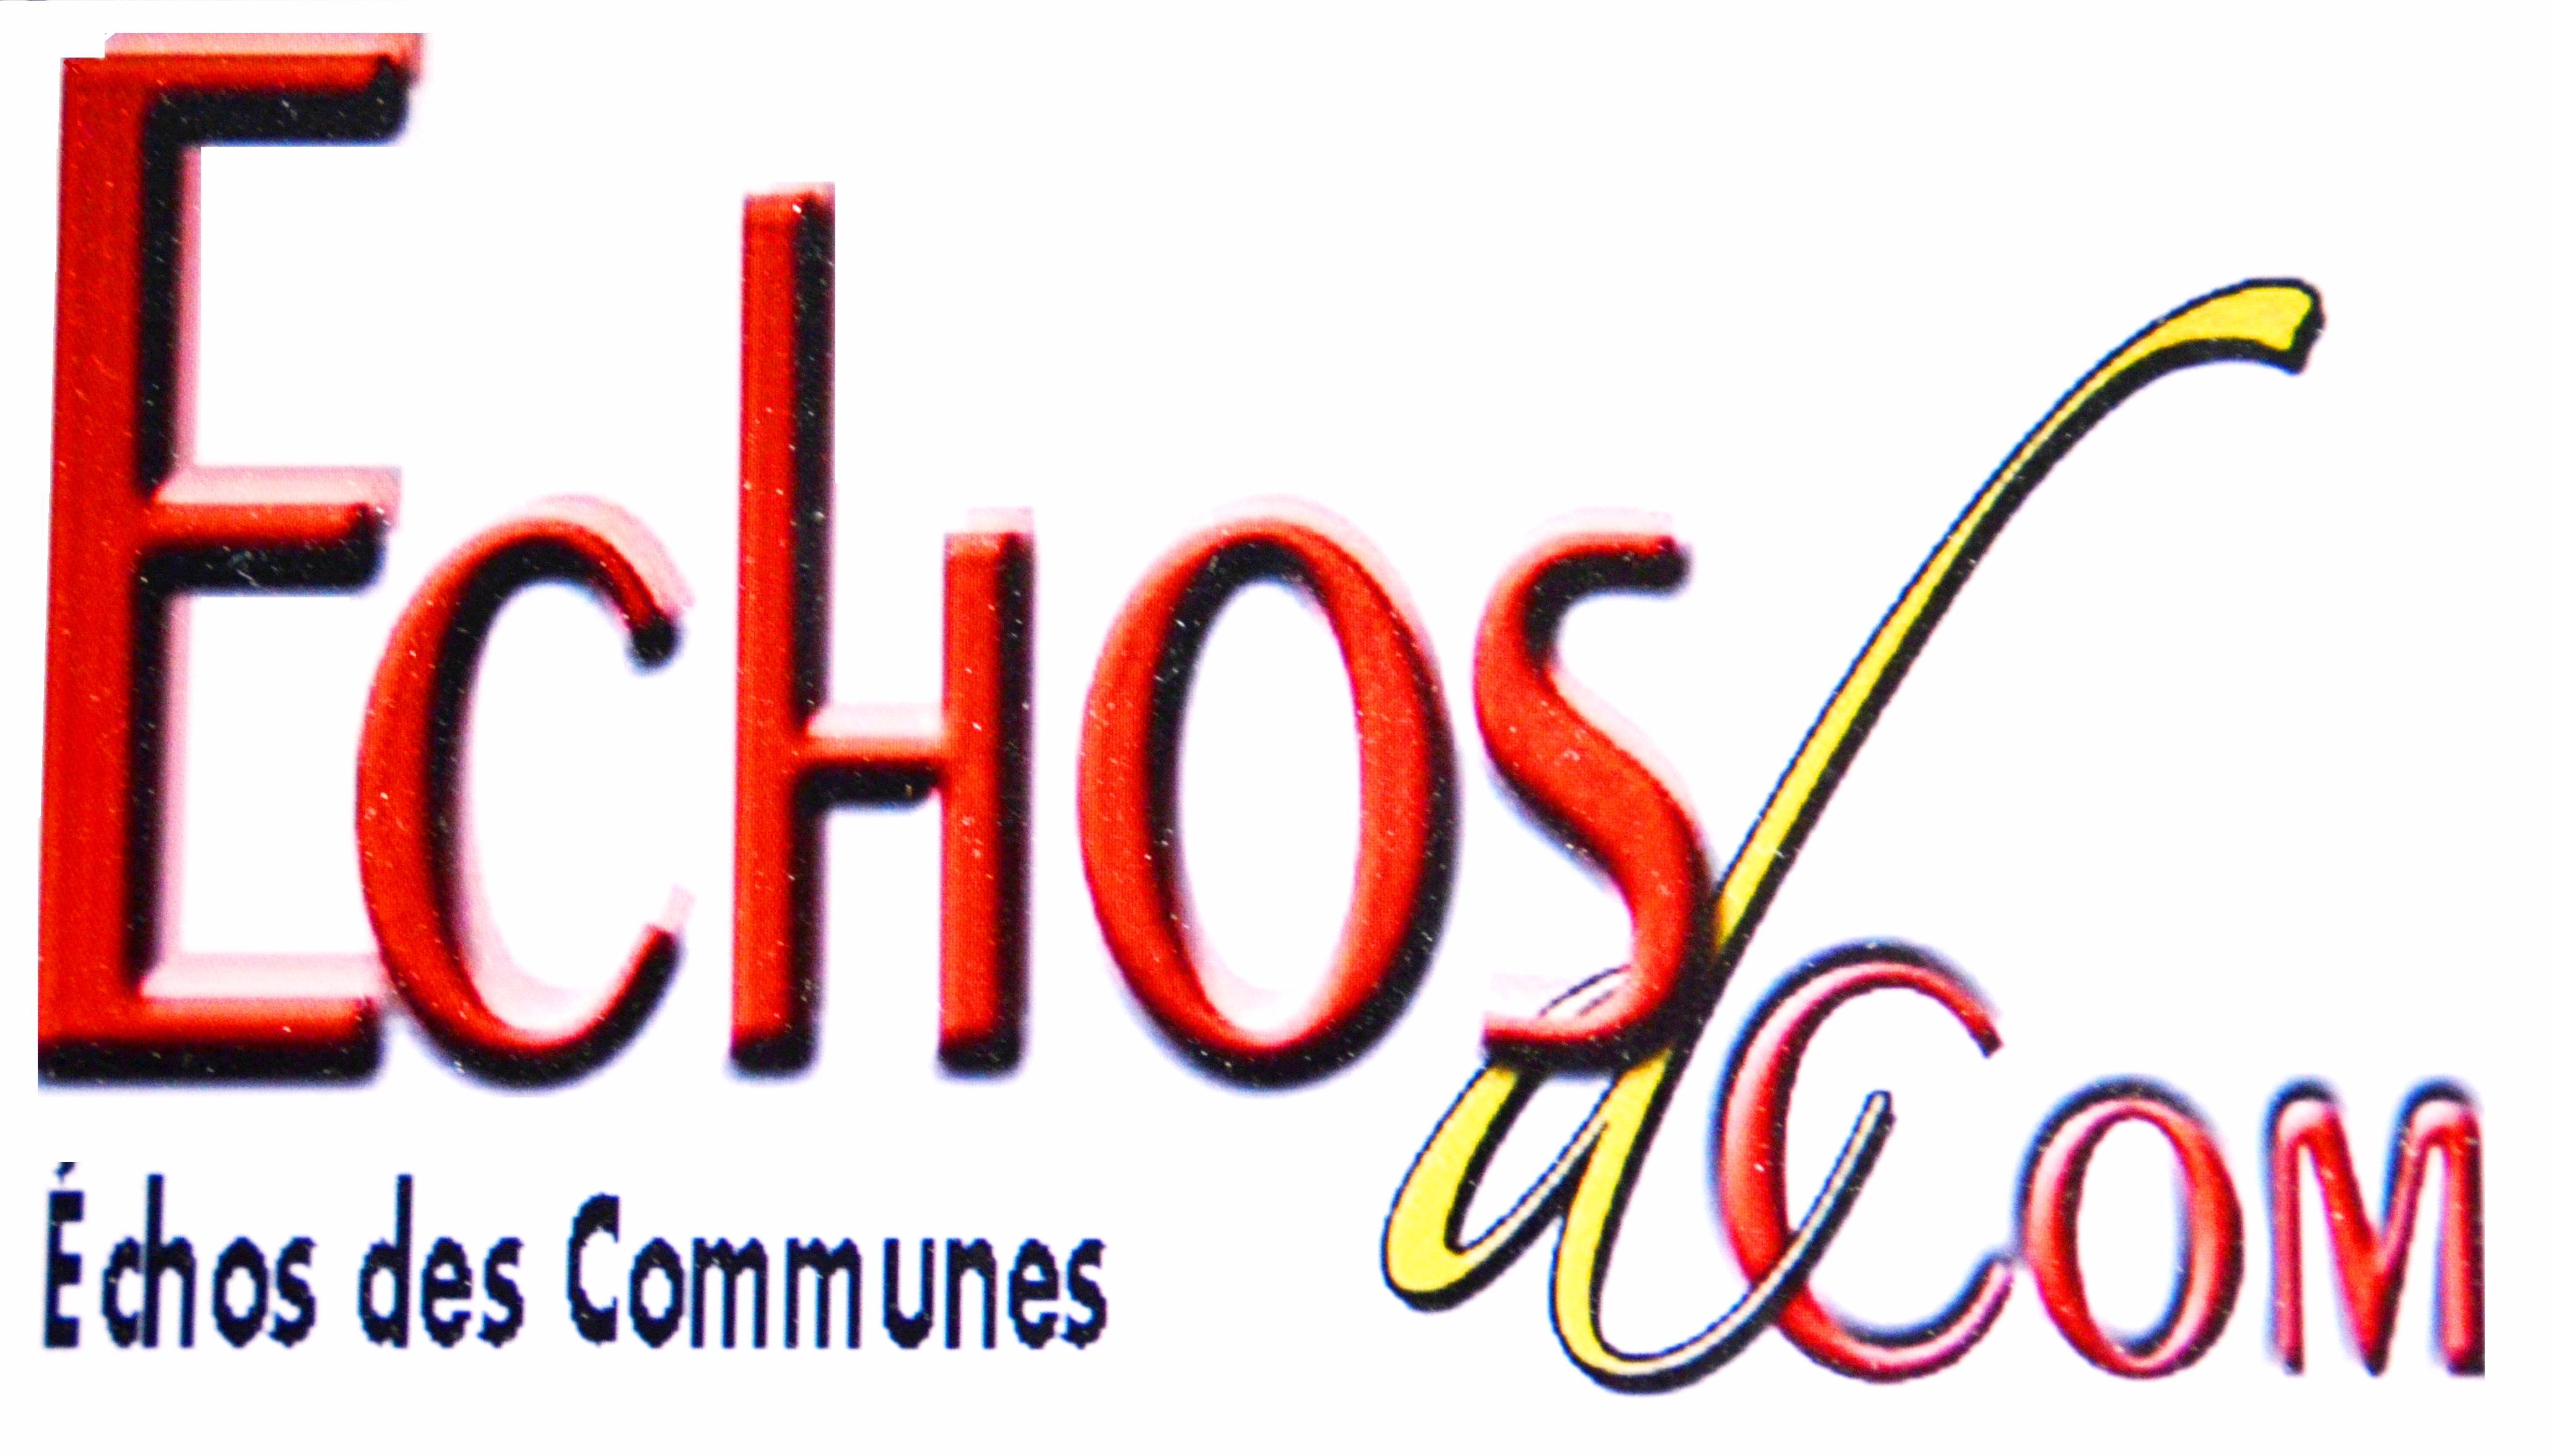 Echos des communes